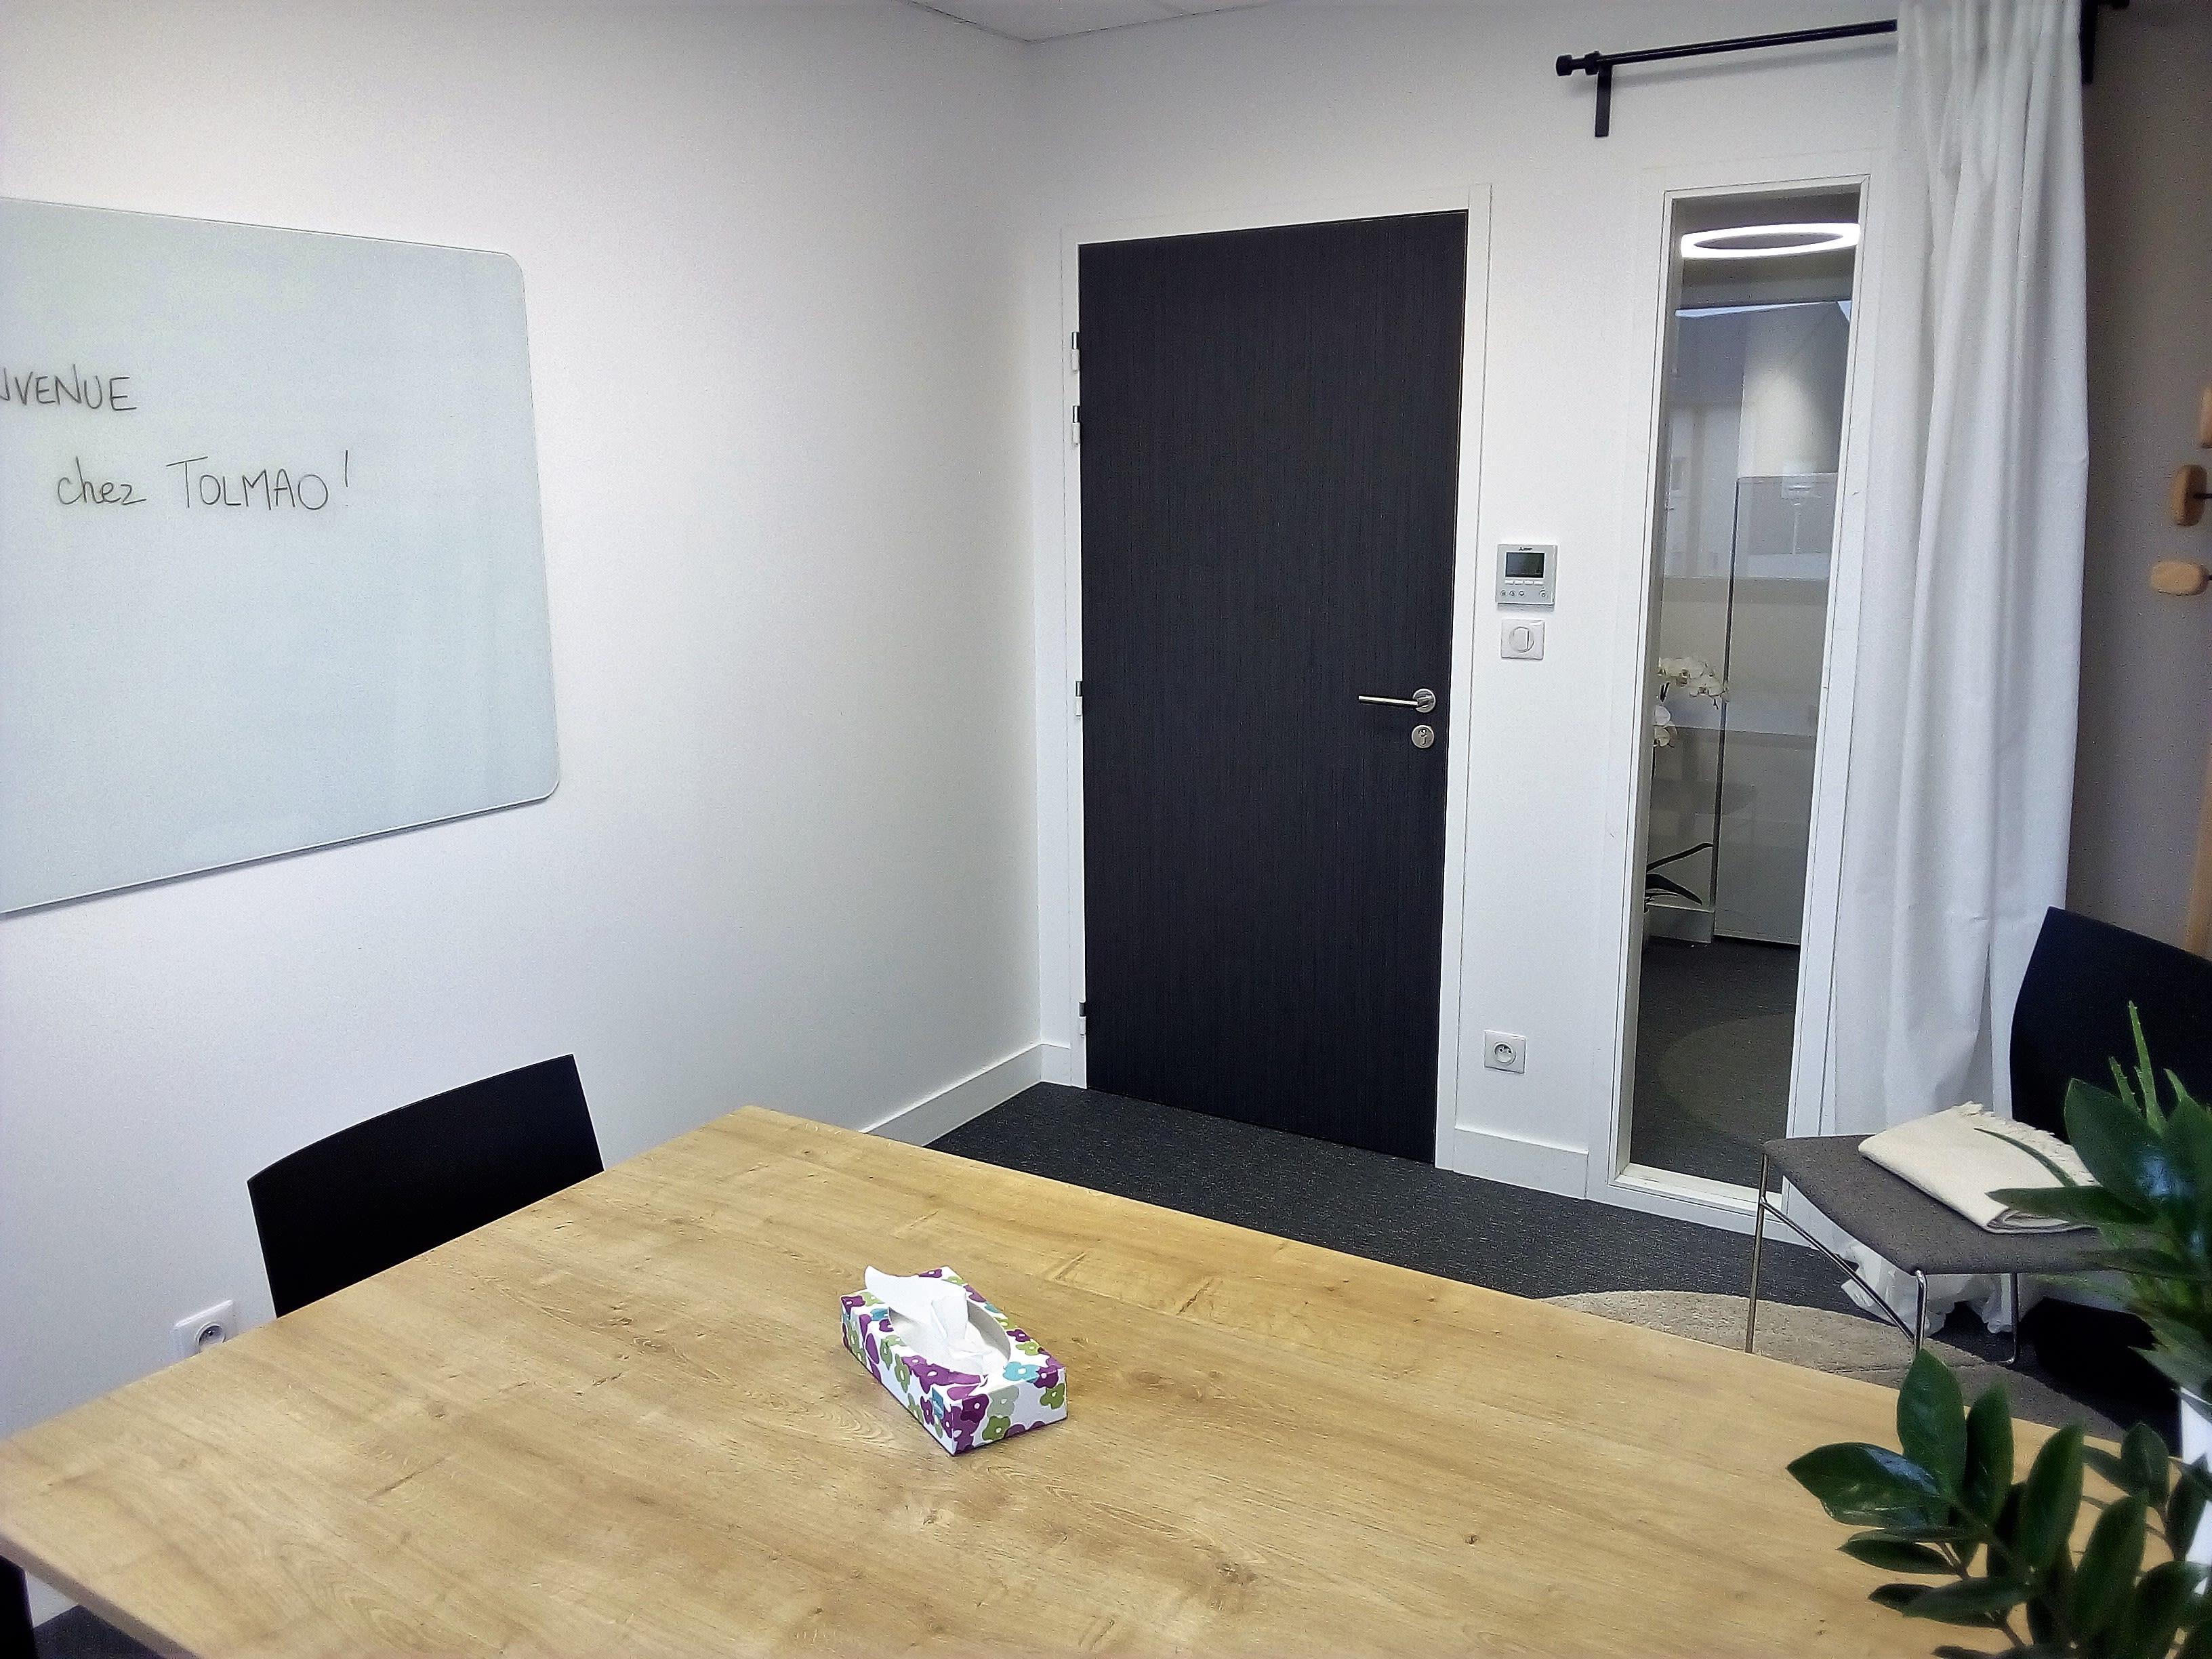 salle de réunion pour 4 personnes à Fondettes